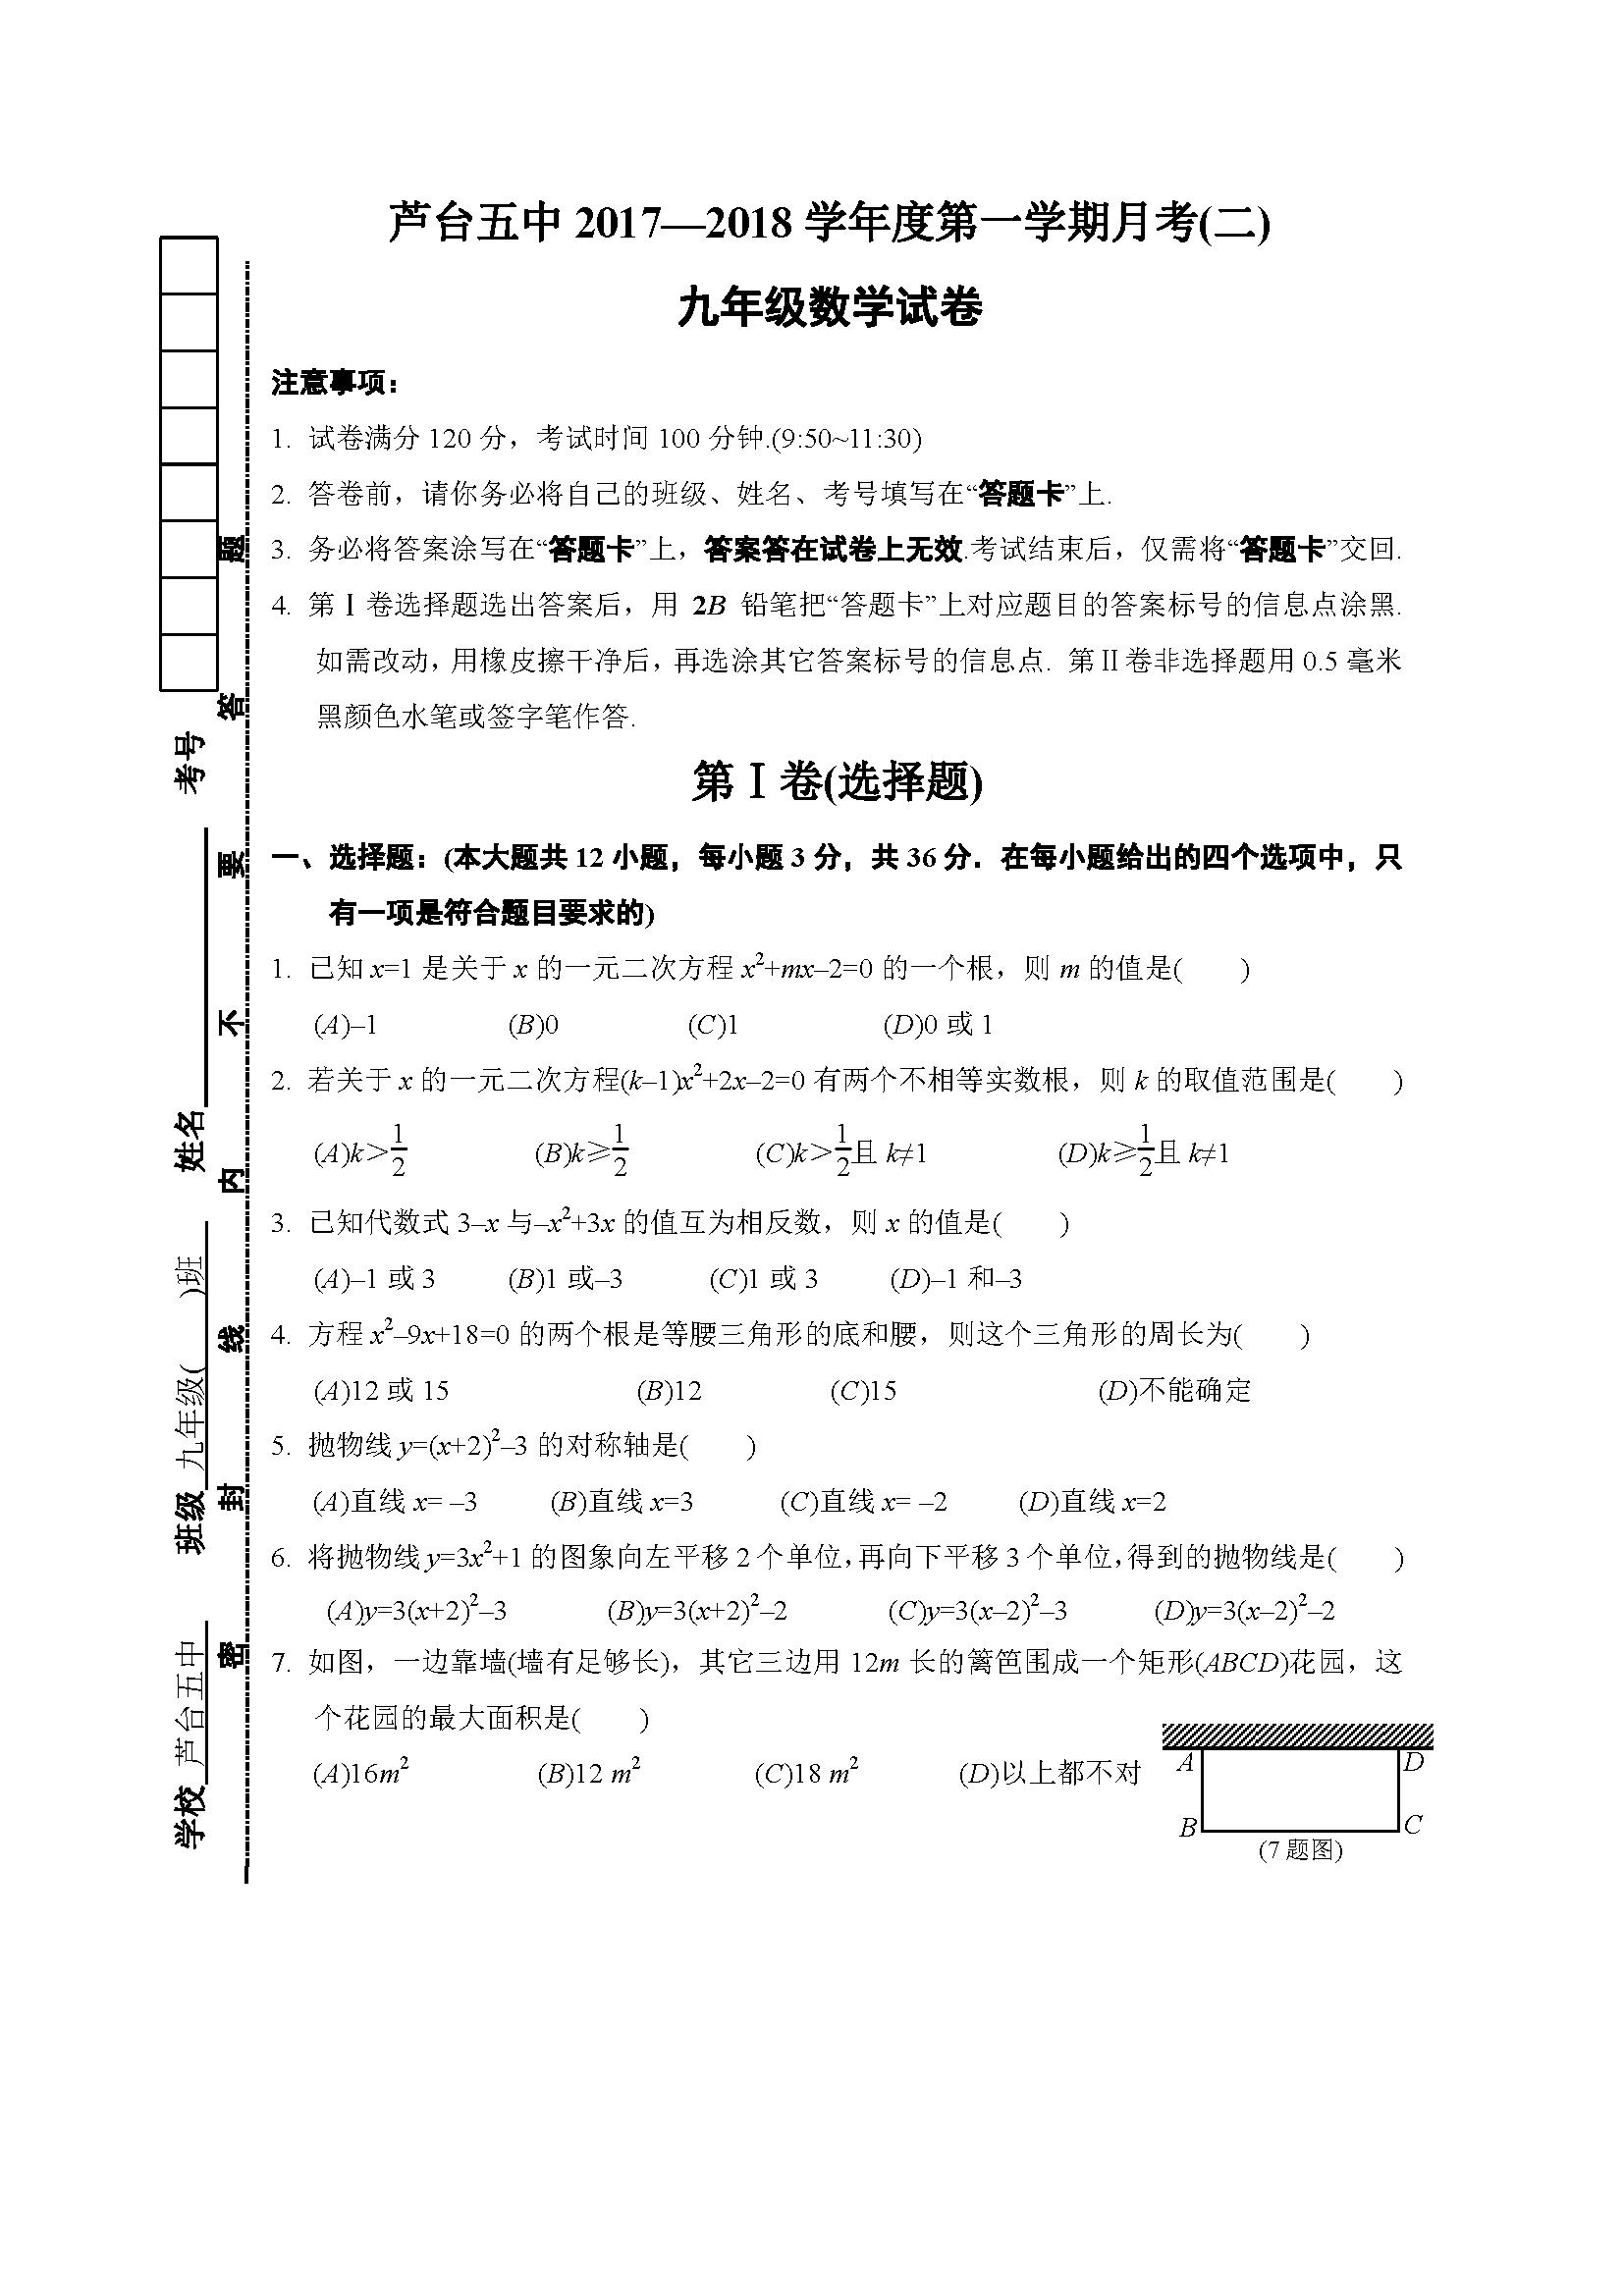 天津宁河芦台五中2017-2018第一学期第二次月考九年级数学试卷(图片版)